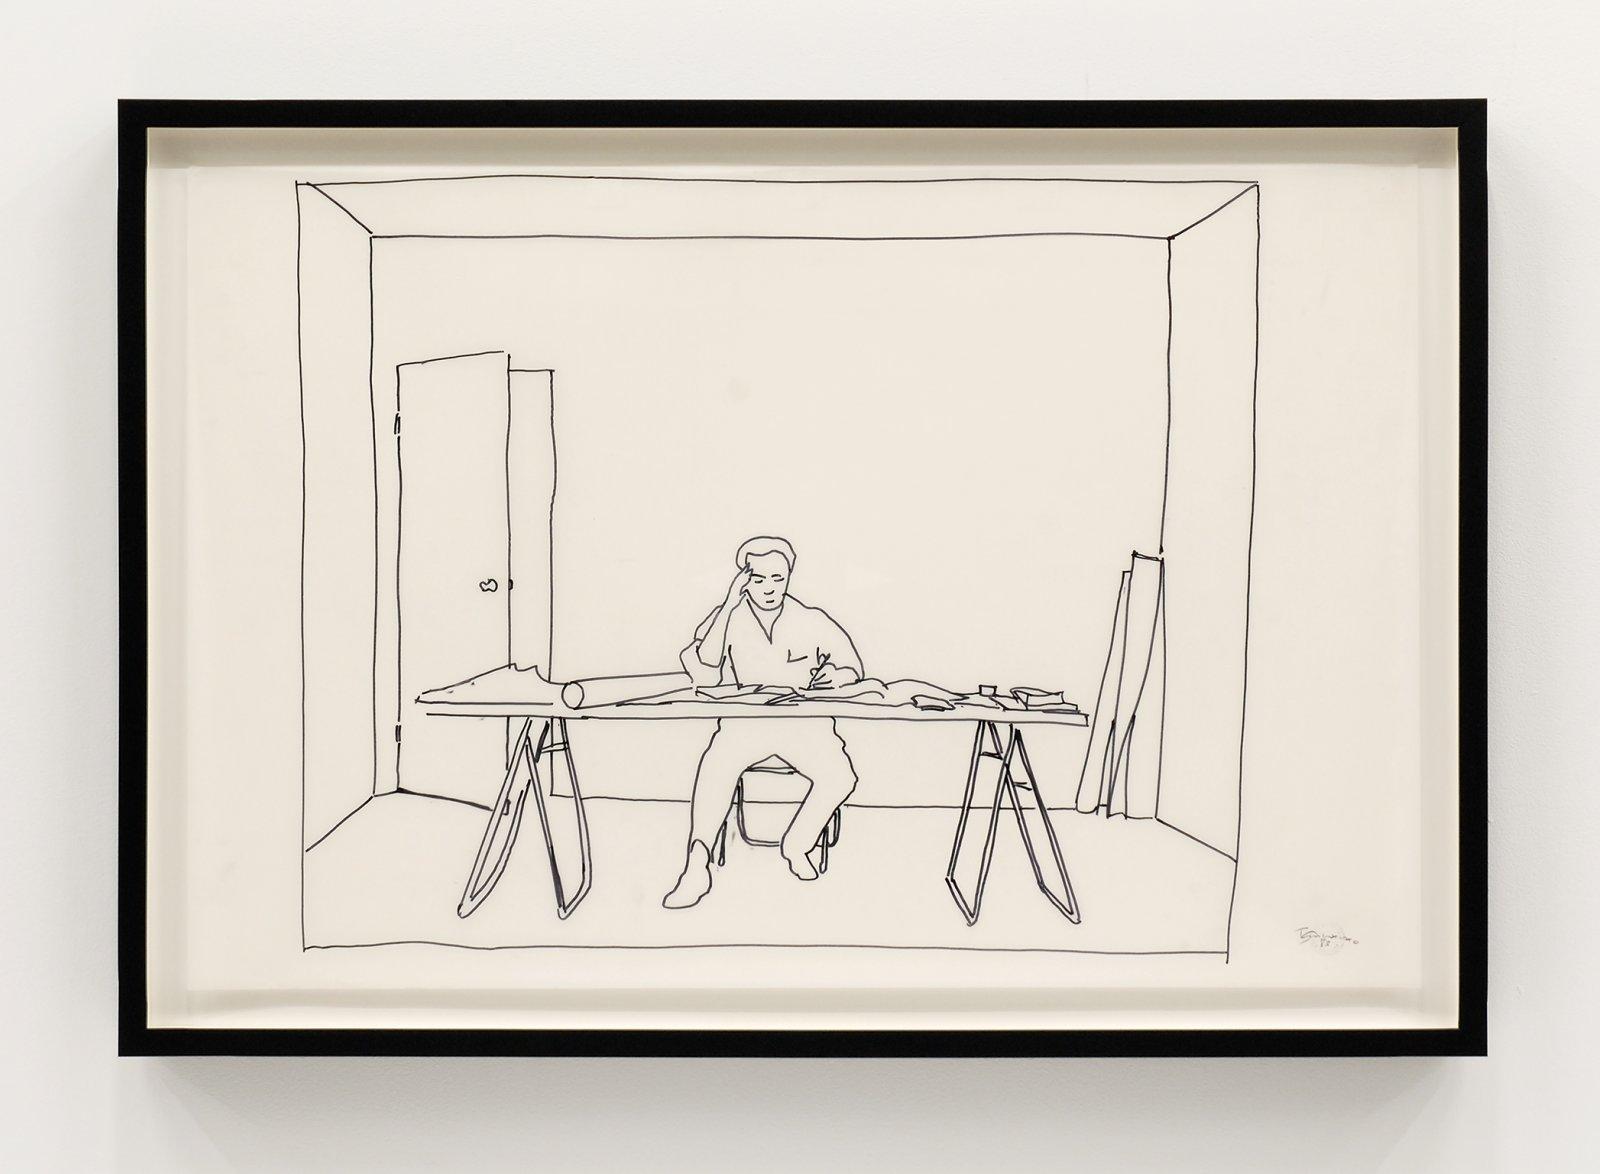 Ian Wallace, At Work 1983, 1983, dyazoprint from felt pen on mylar, 22 x 34 in. (56 x 86 cm) by Ian Wallace